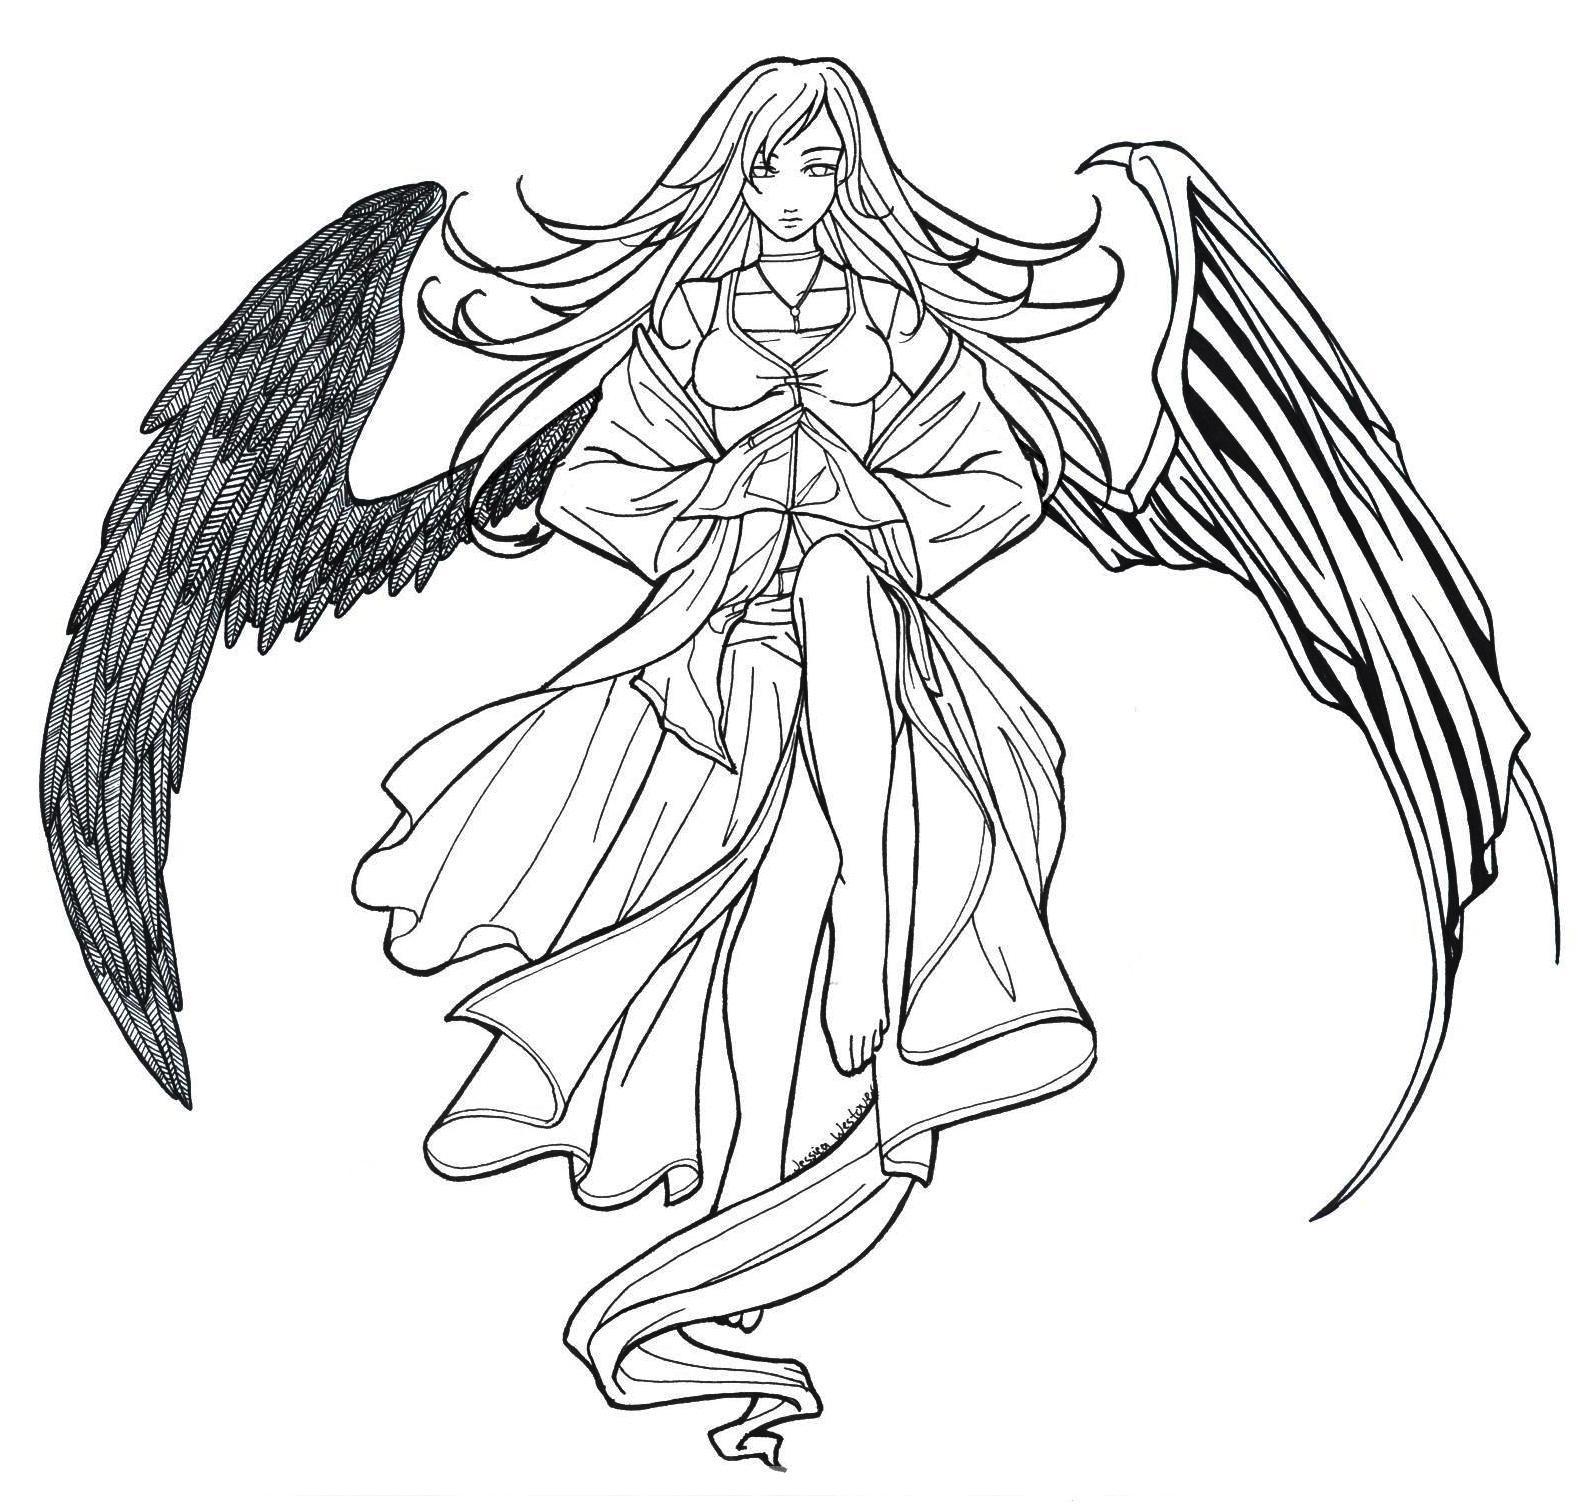 fallen angel lineart by kuroihana on deviantart